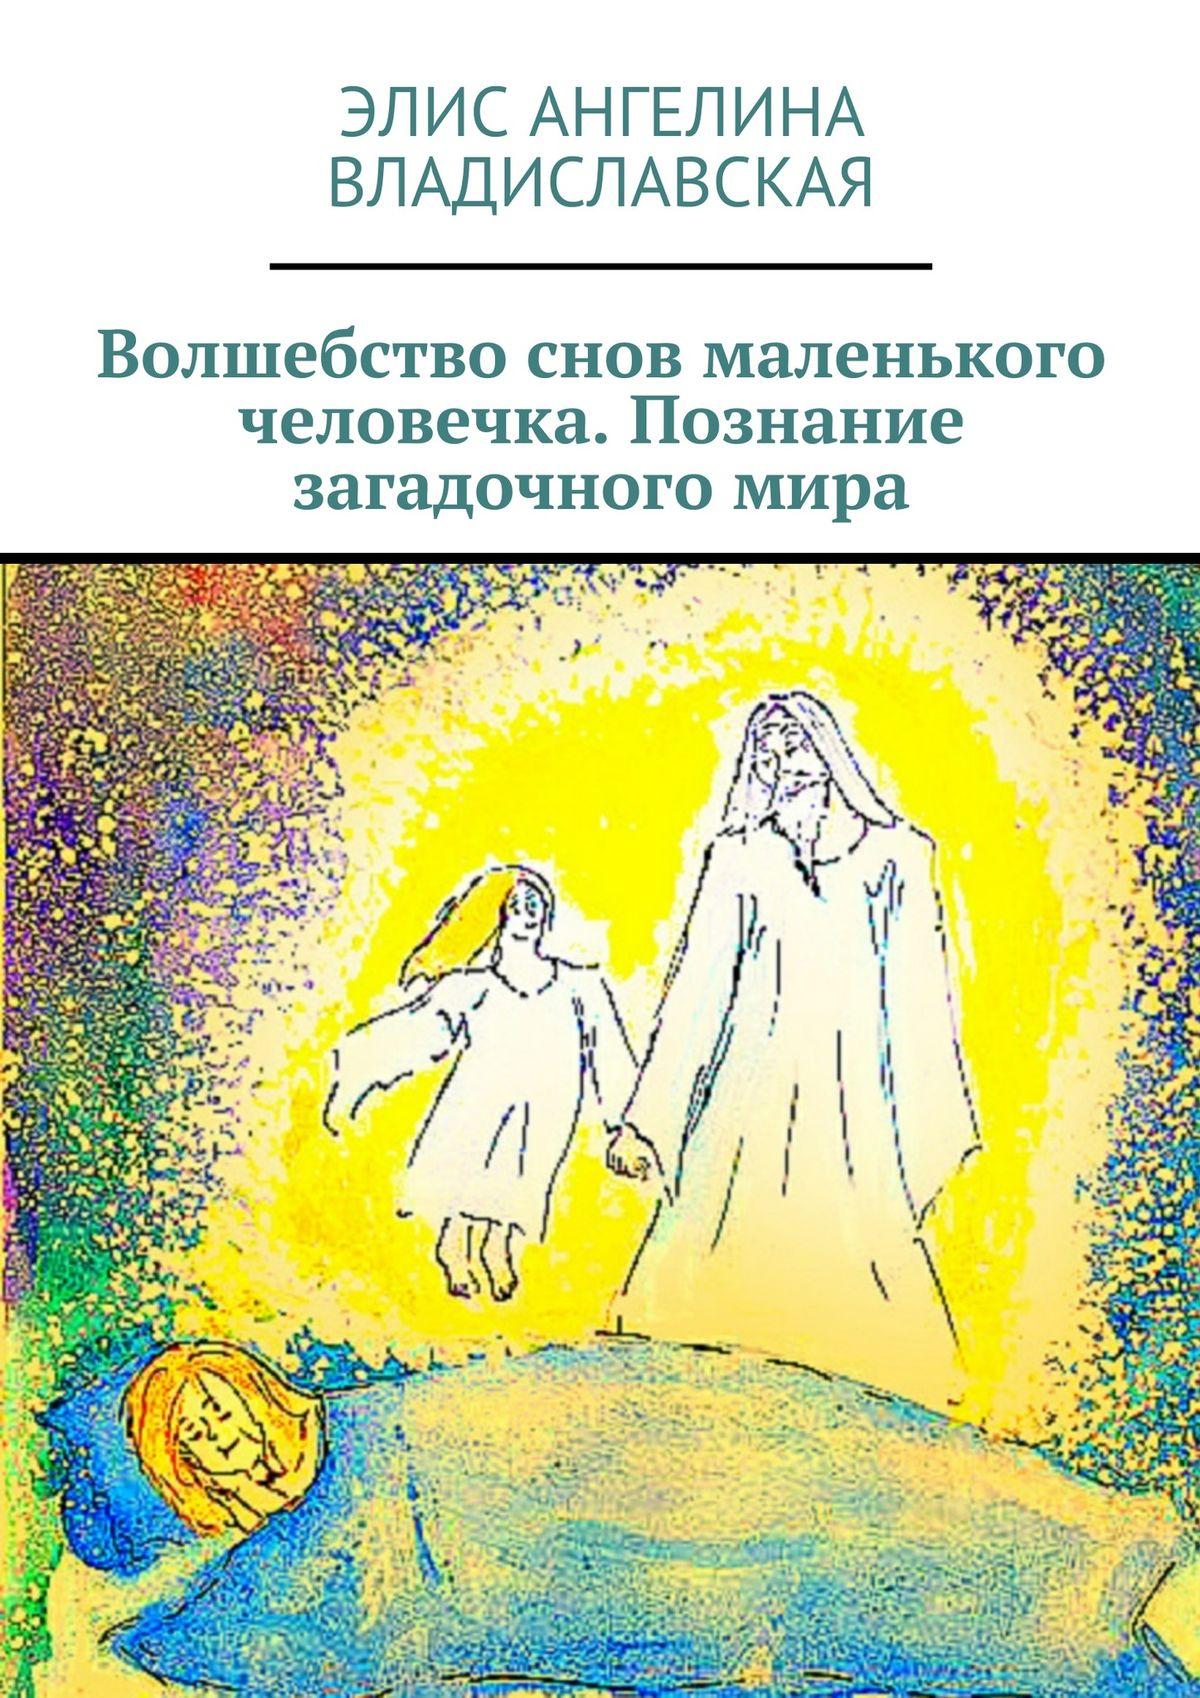 Элис Ангелина Владиславская «Волшебство снов маленького человечка. Познание загадочного мира»